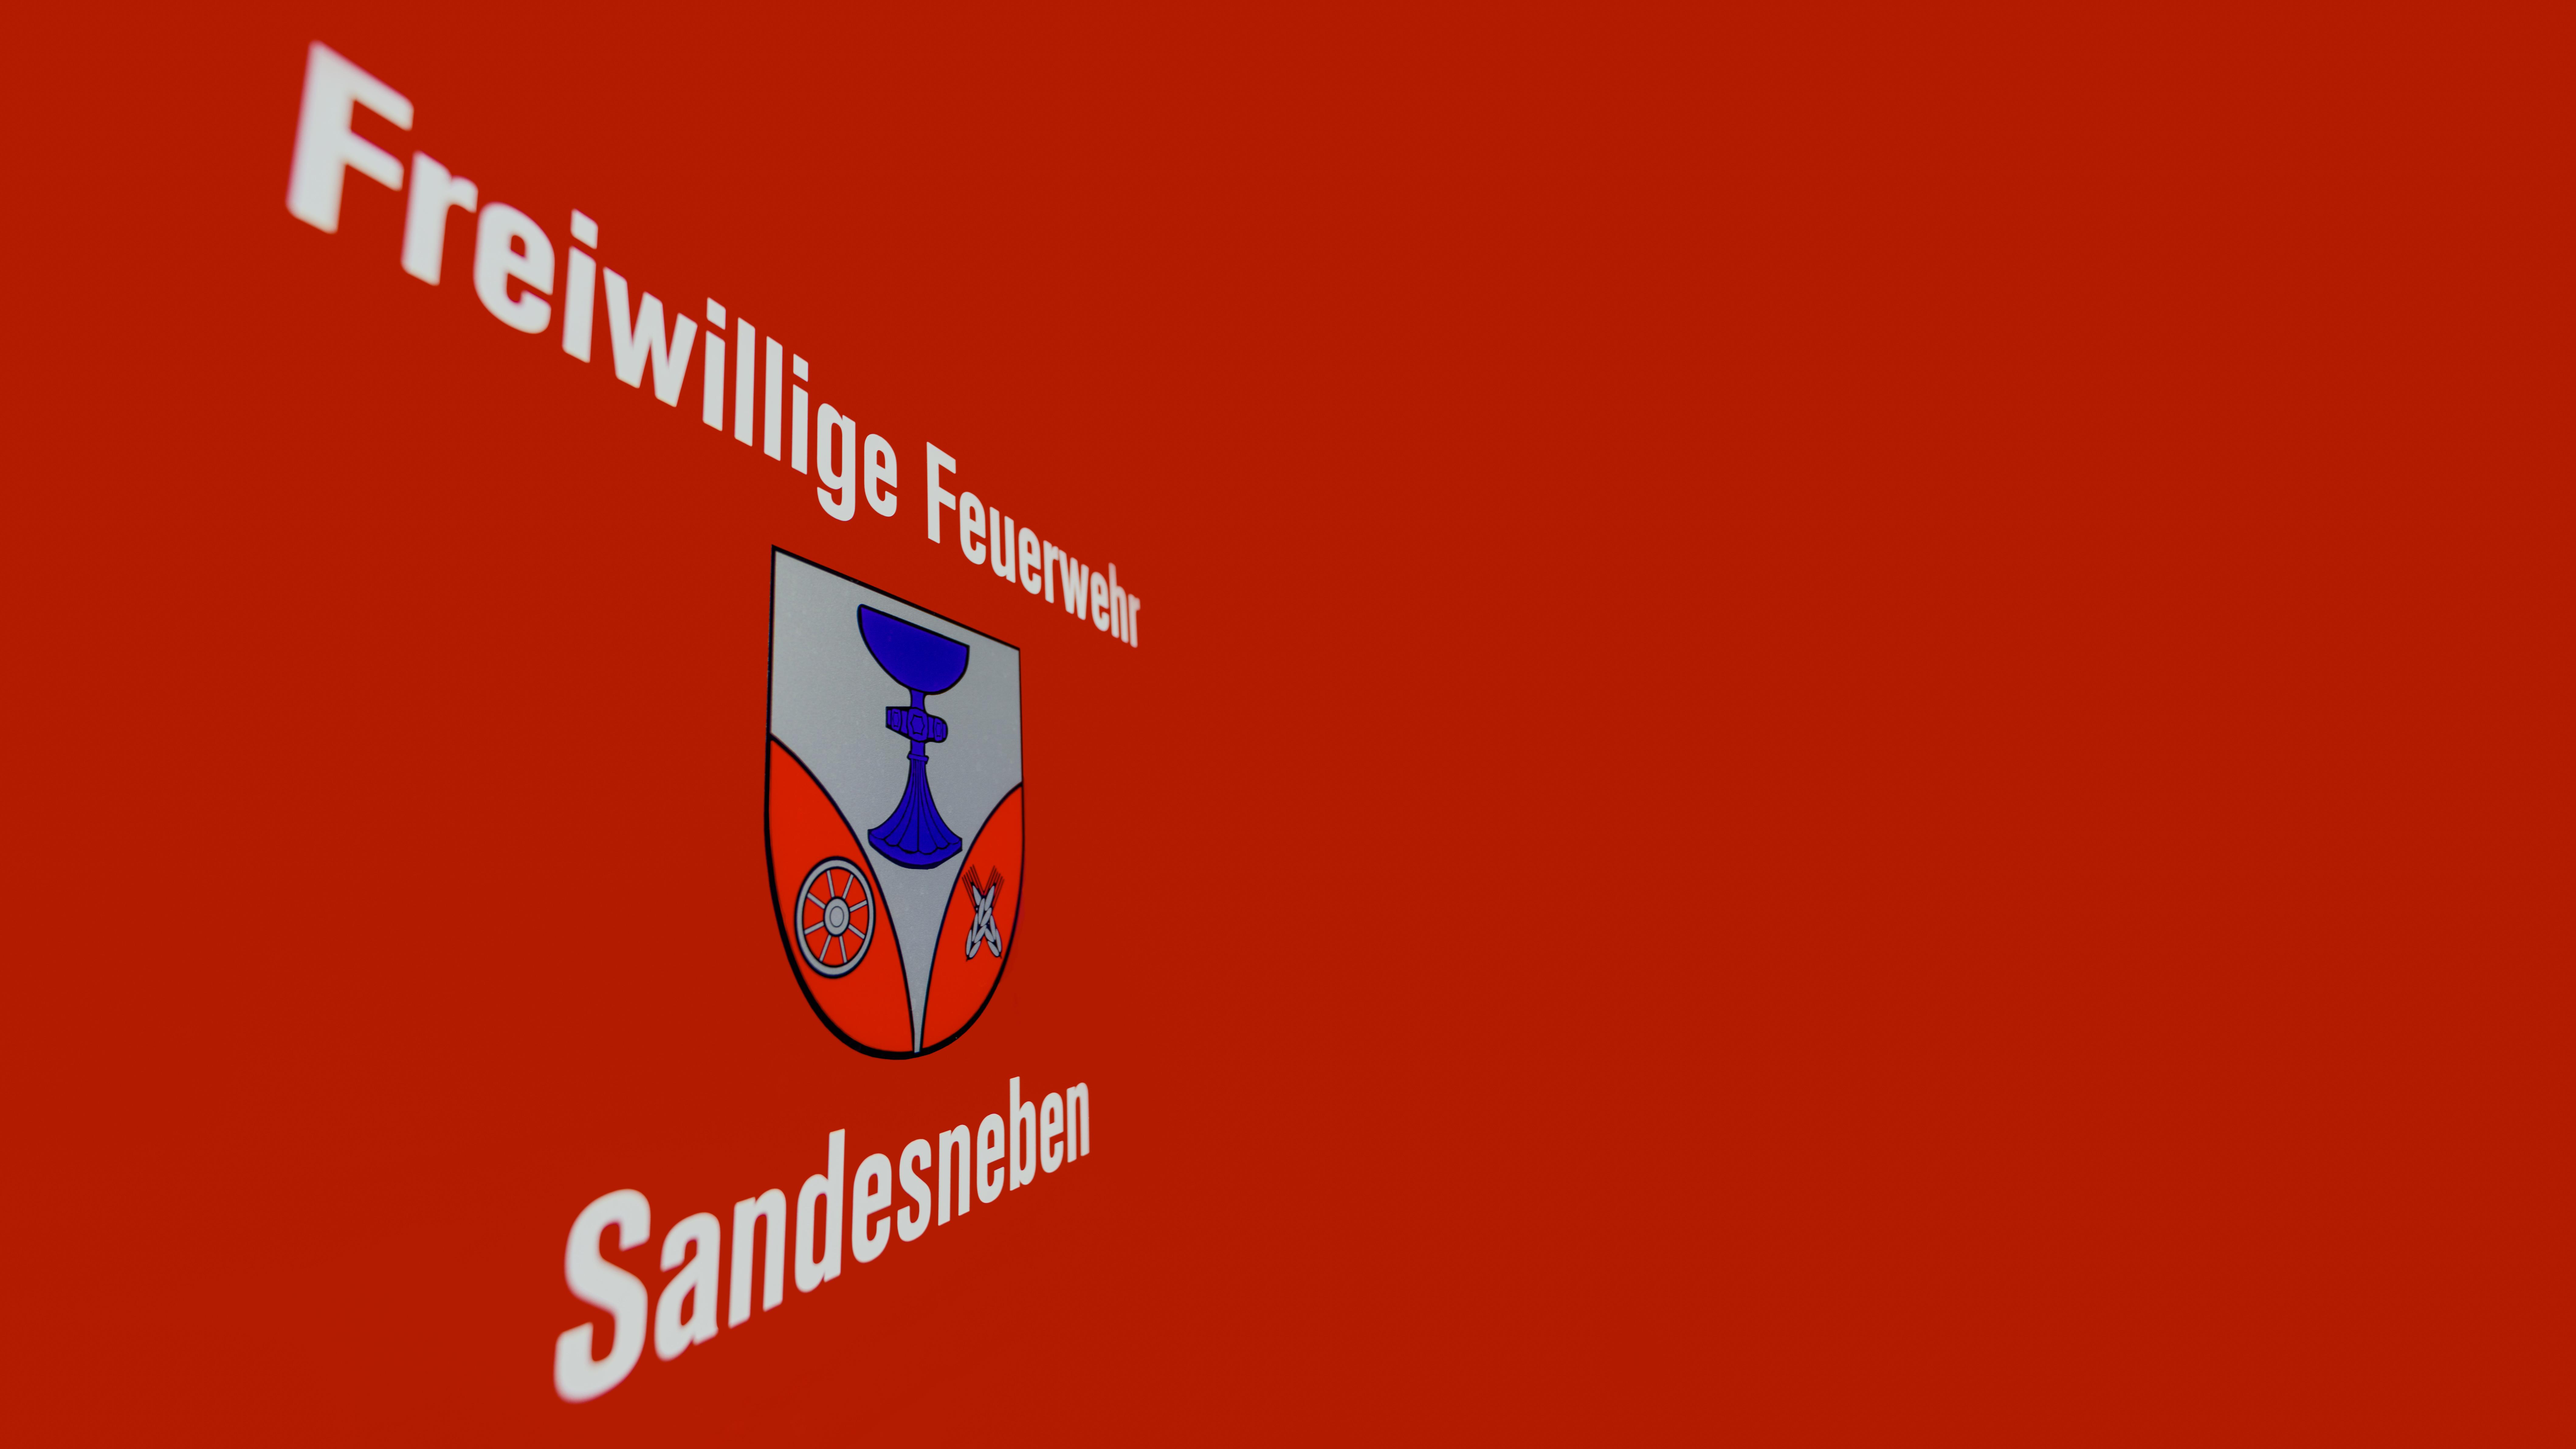 FFW Sandesneben Logo